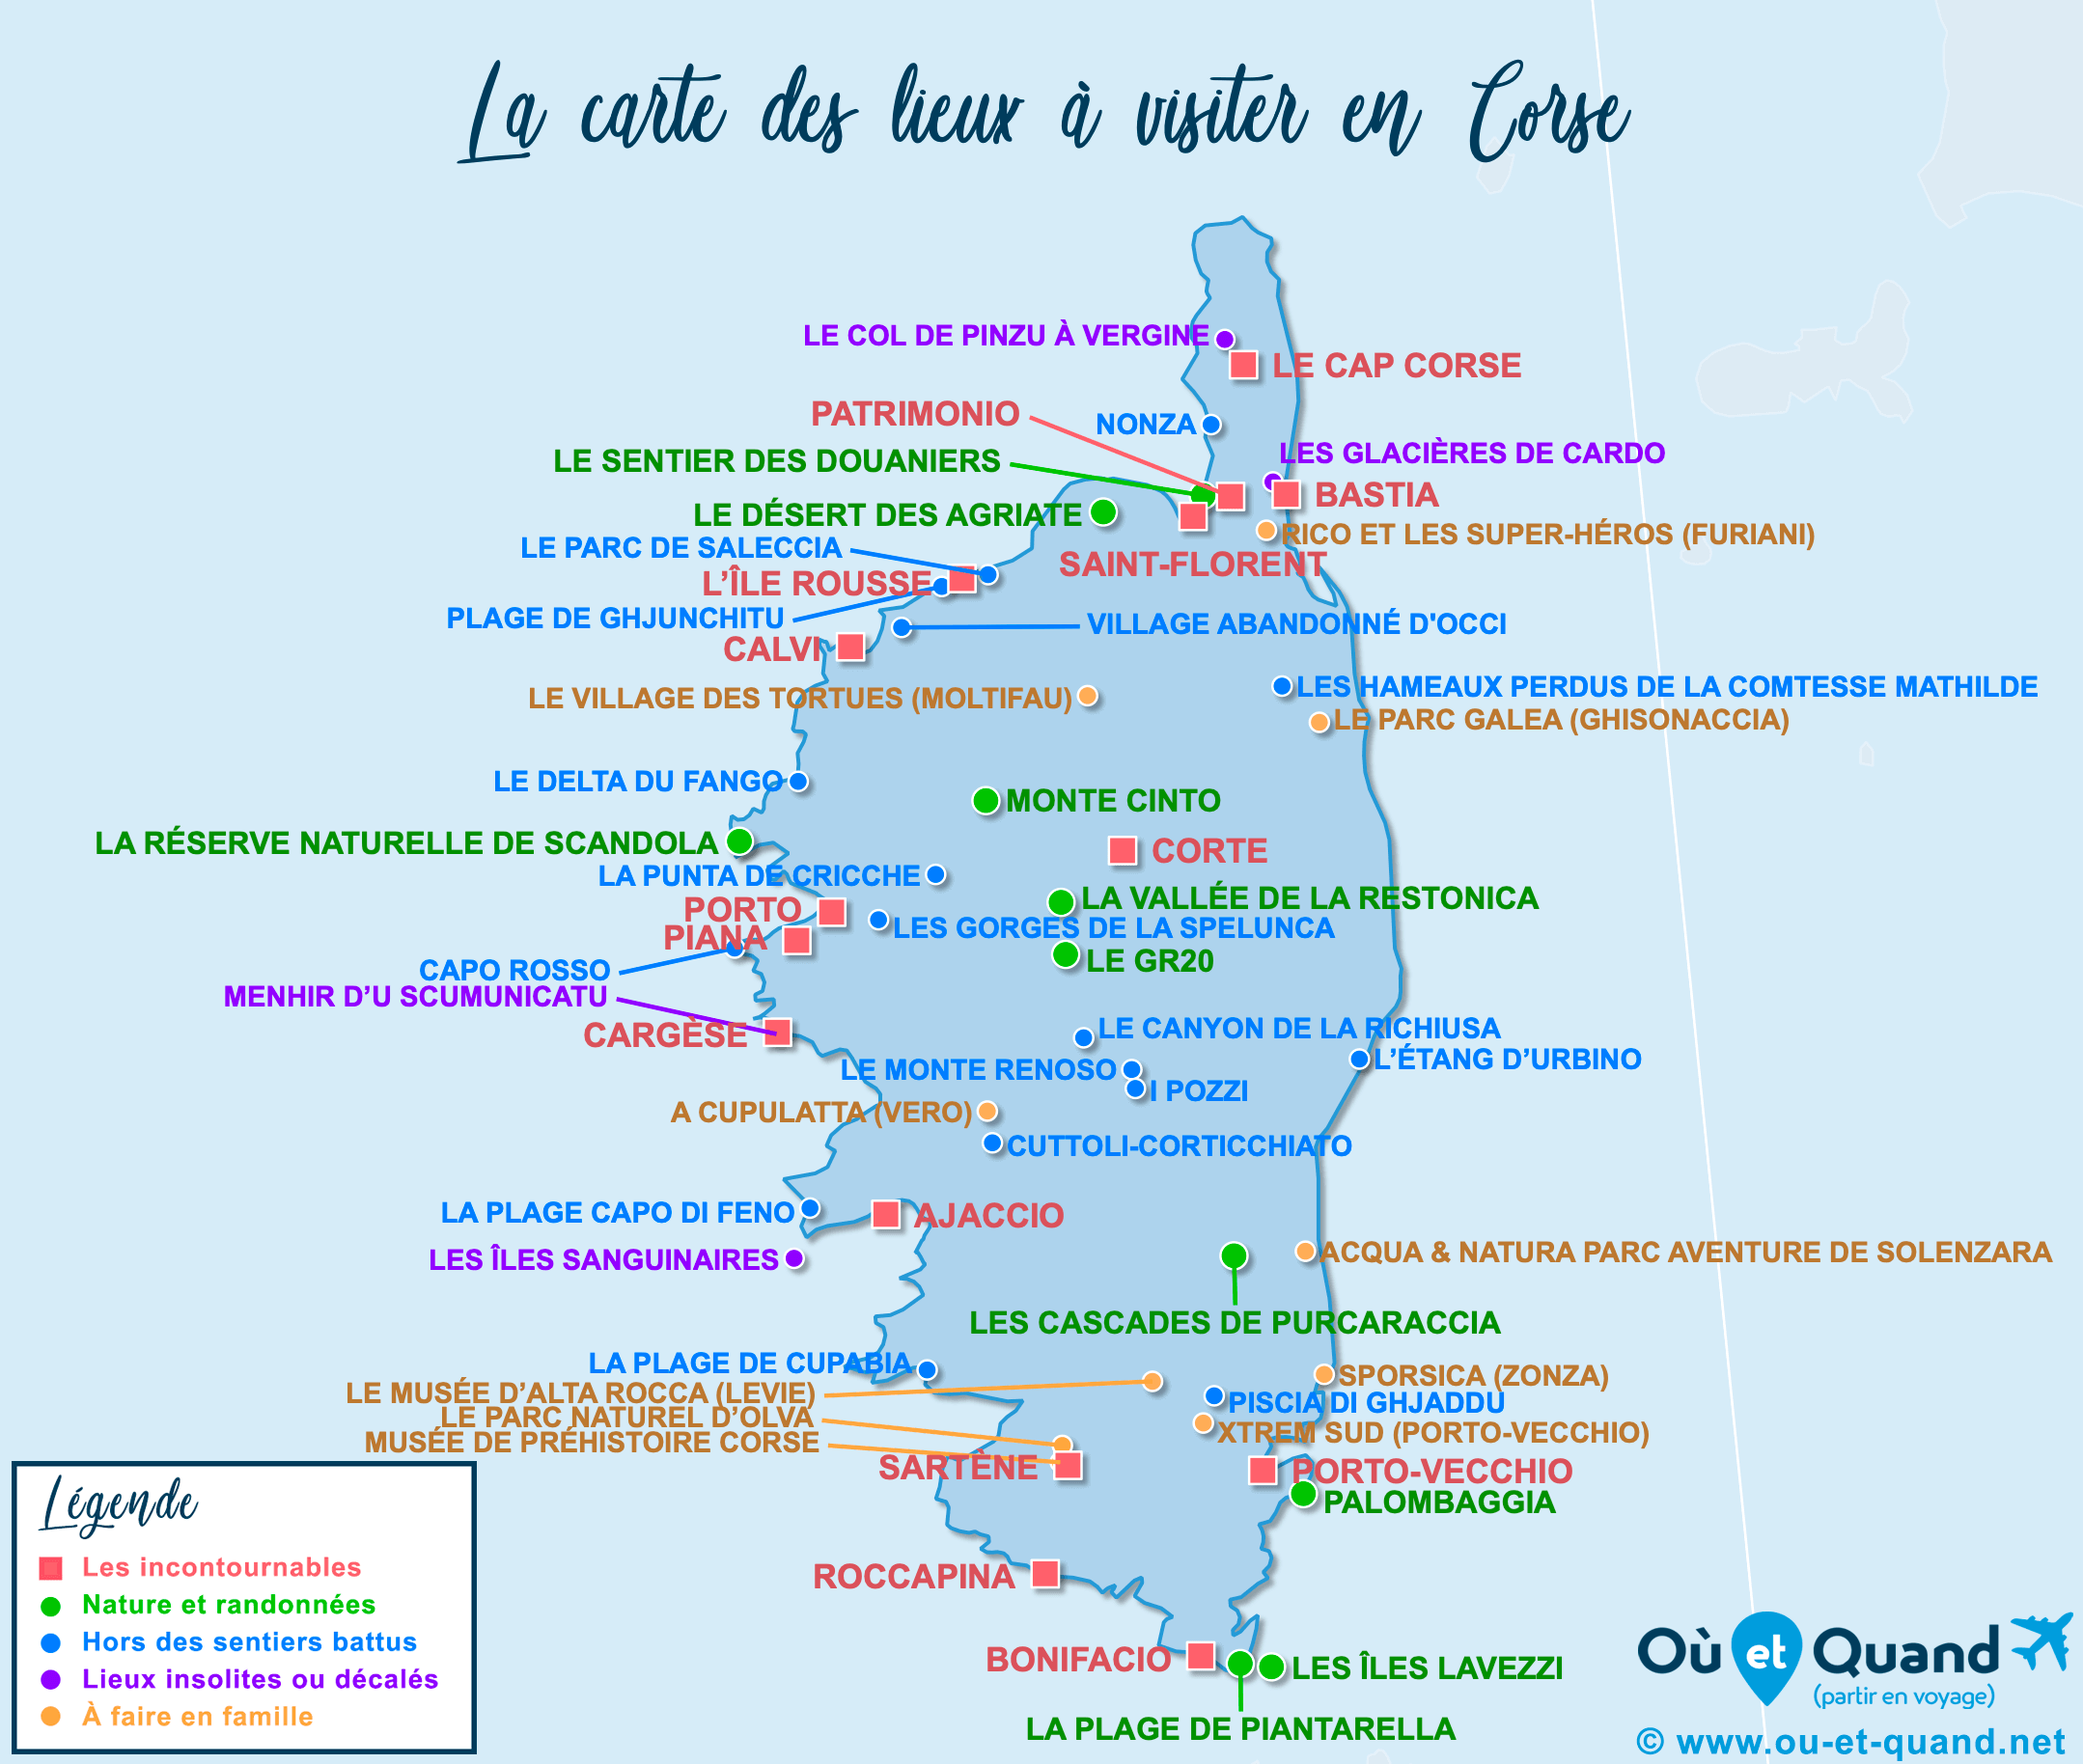 Carte Corse : tous les lieux à visiter lors de votre voyage